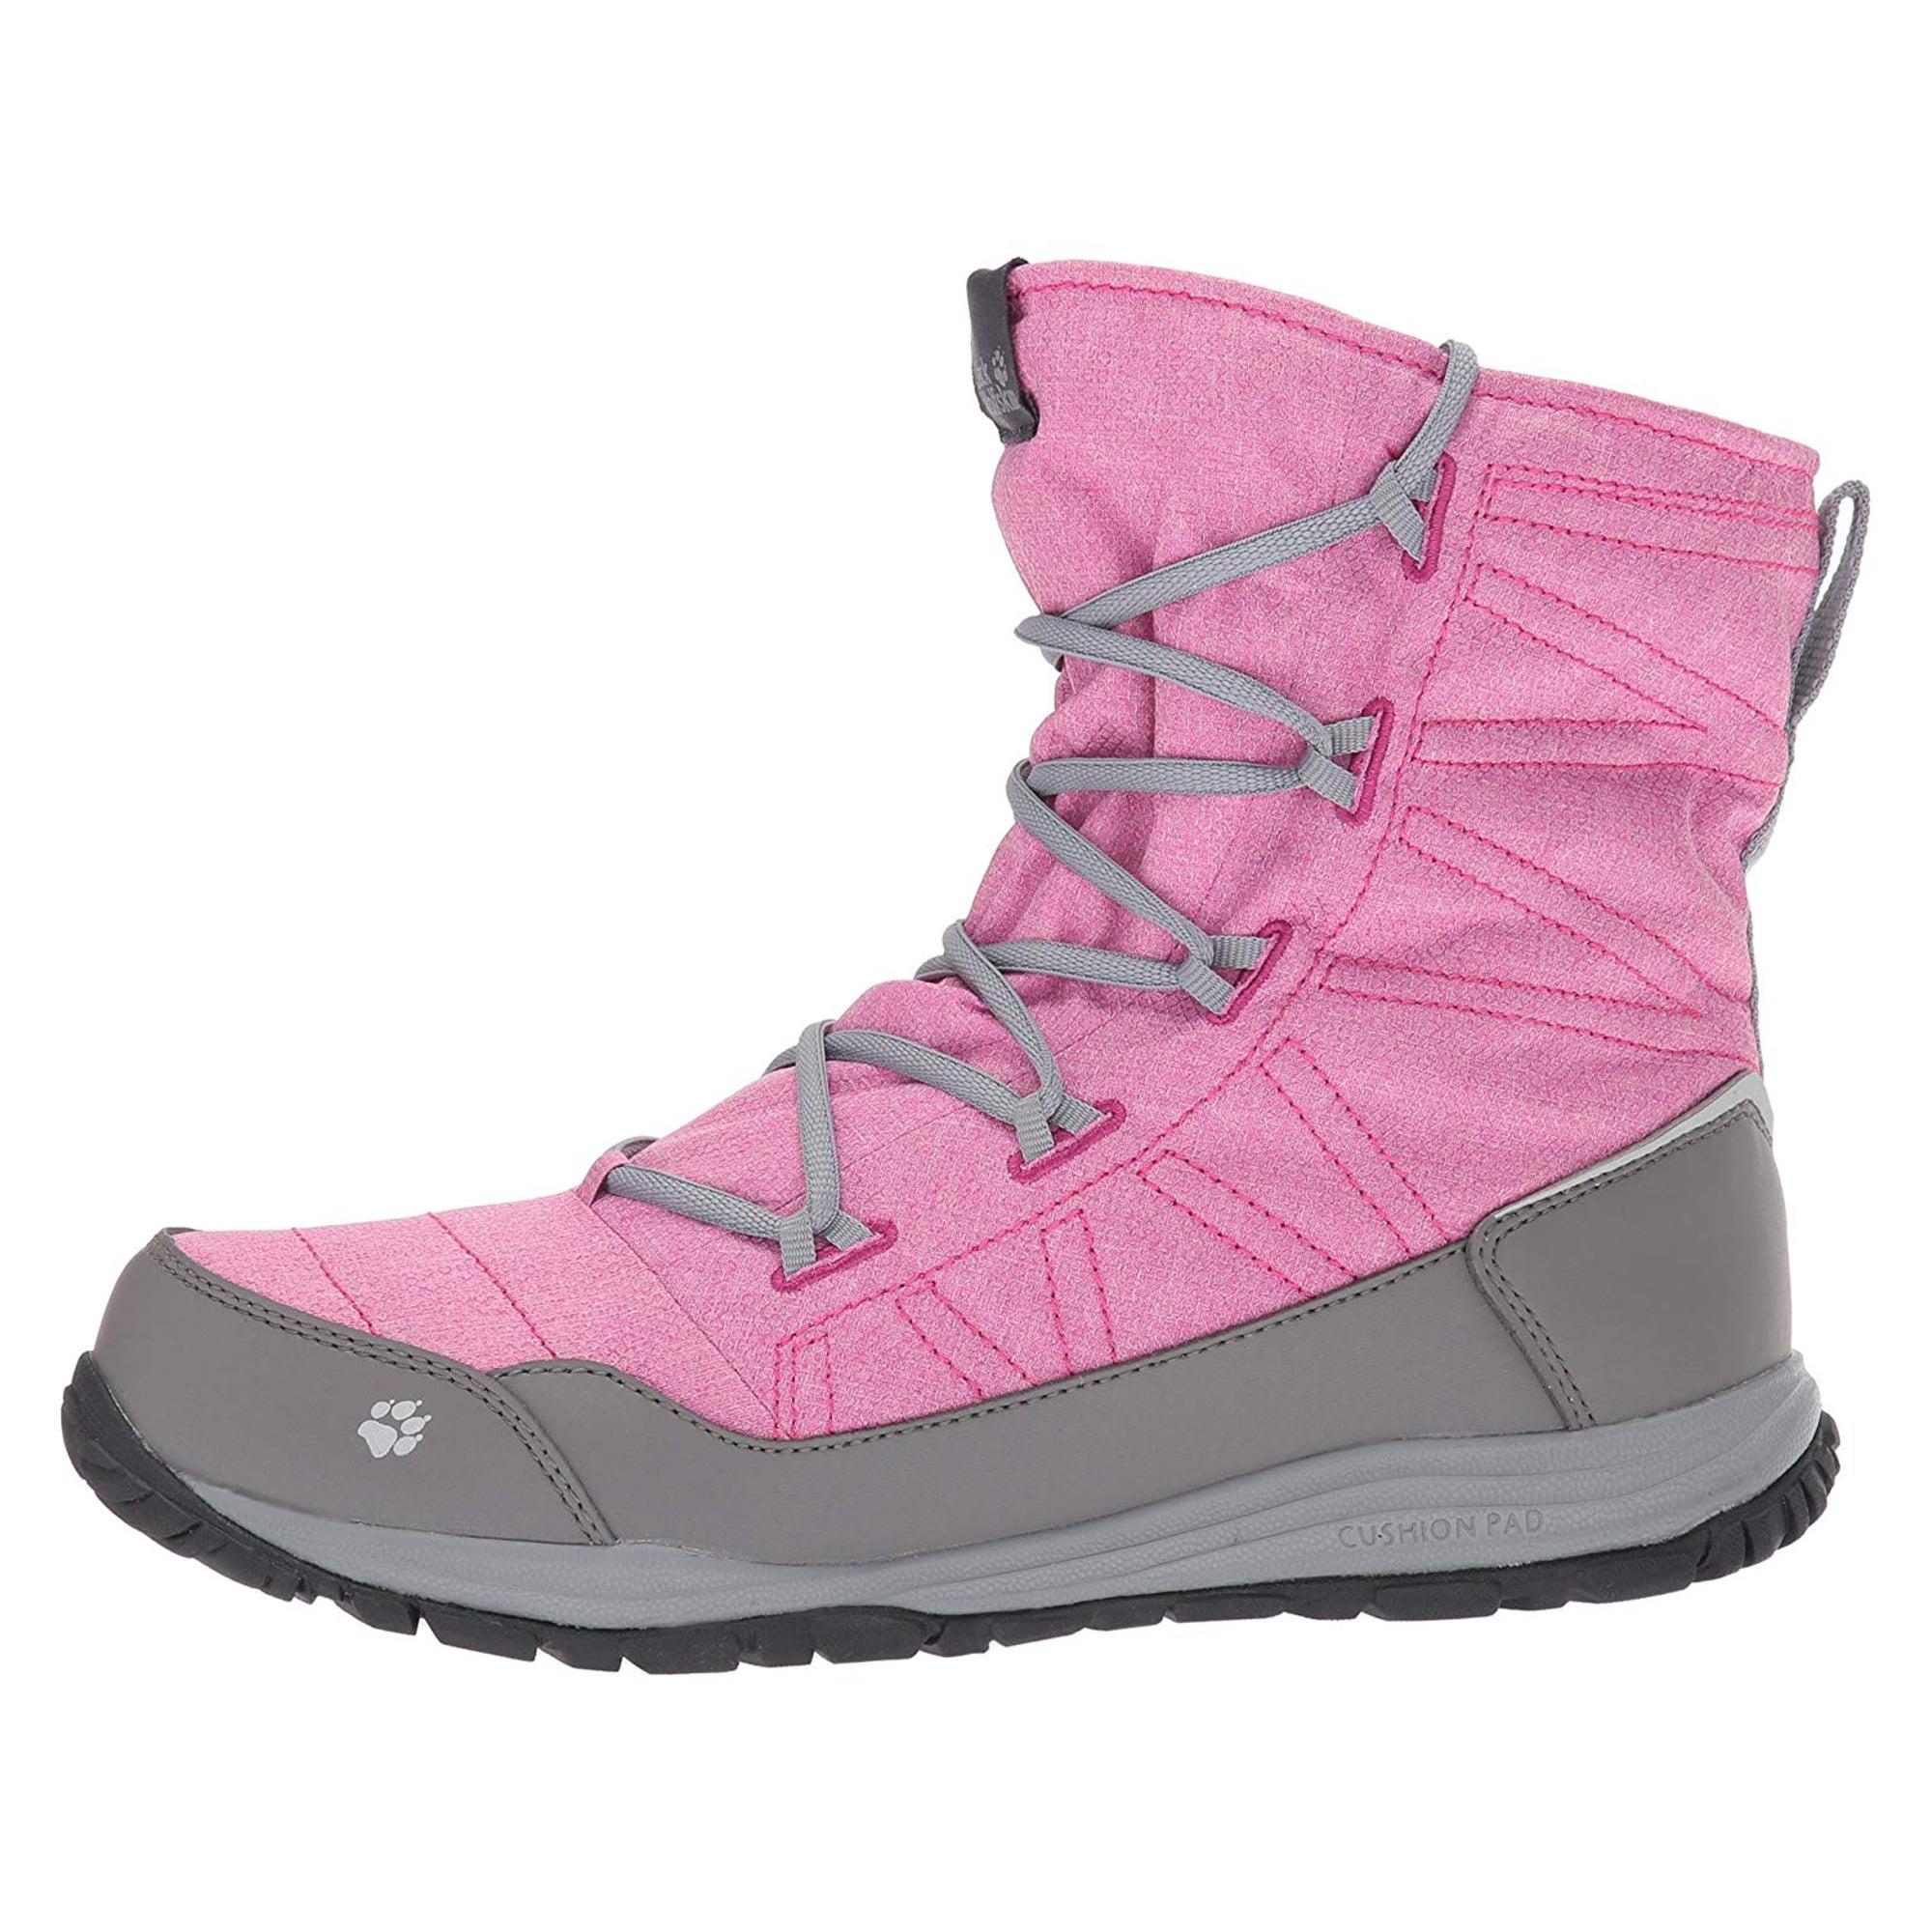 Kids Jack Wolfskin Girls Portland Boot G Mid Calf | Walmart